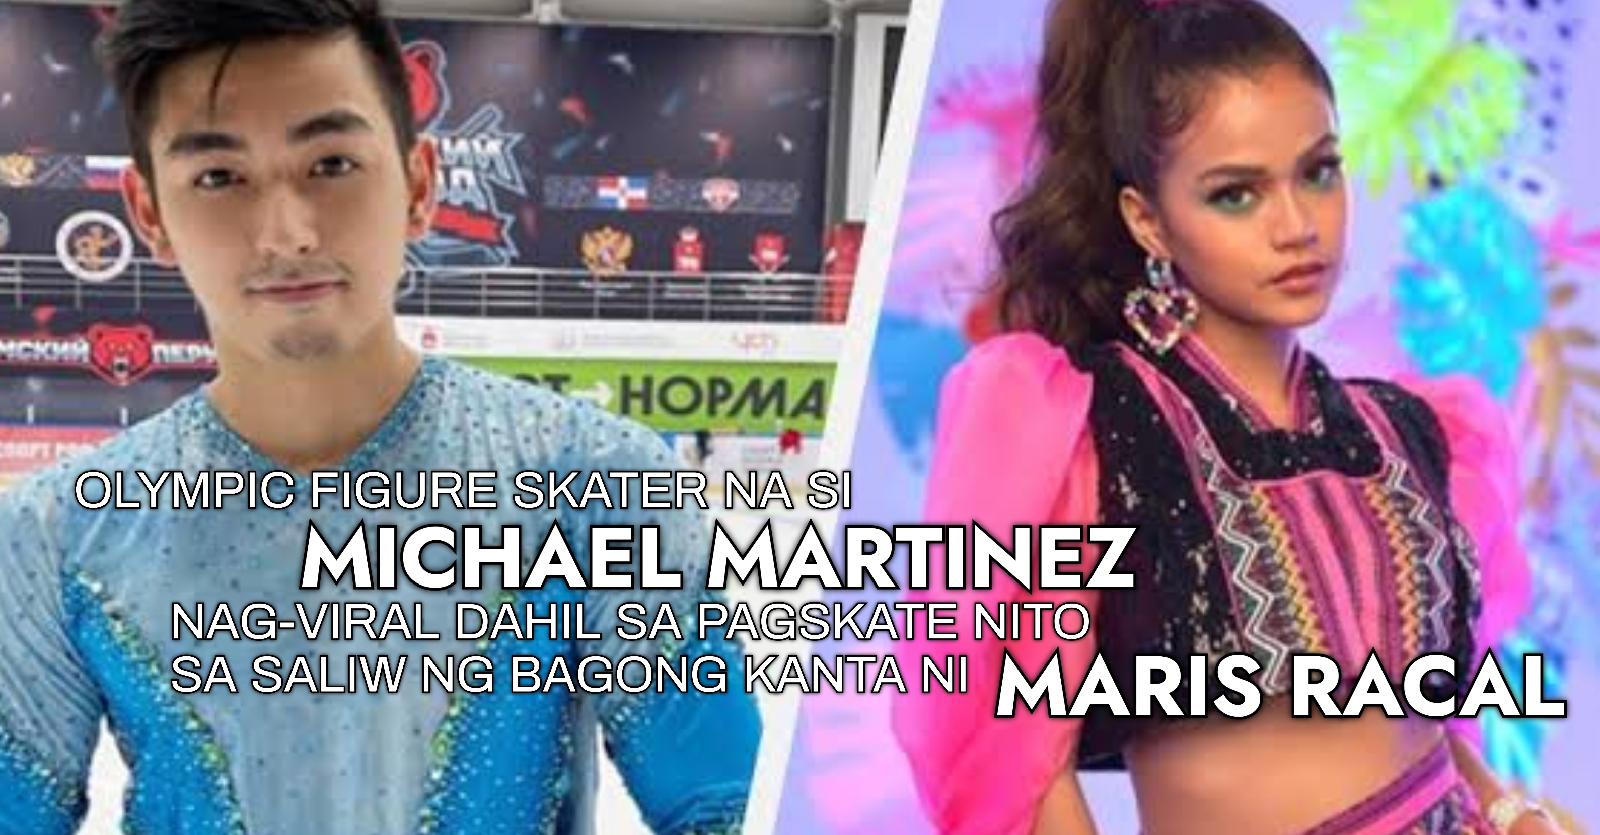 Olympic figure skater na si Michael Martinez, nag-viral dahil sa pagskate sa saliw ng bagong awitin ni Maris Racal!